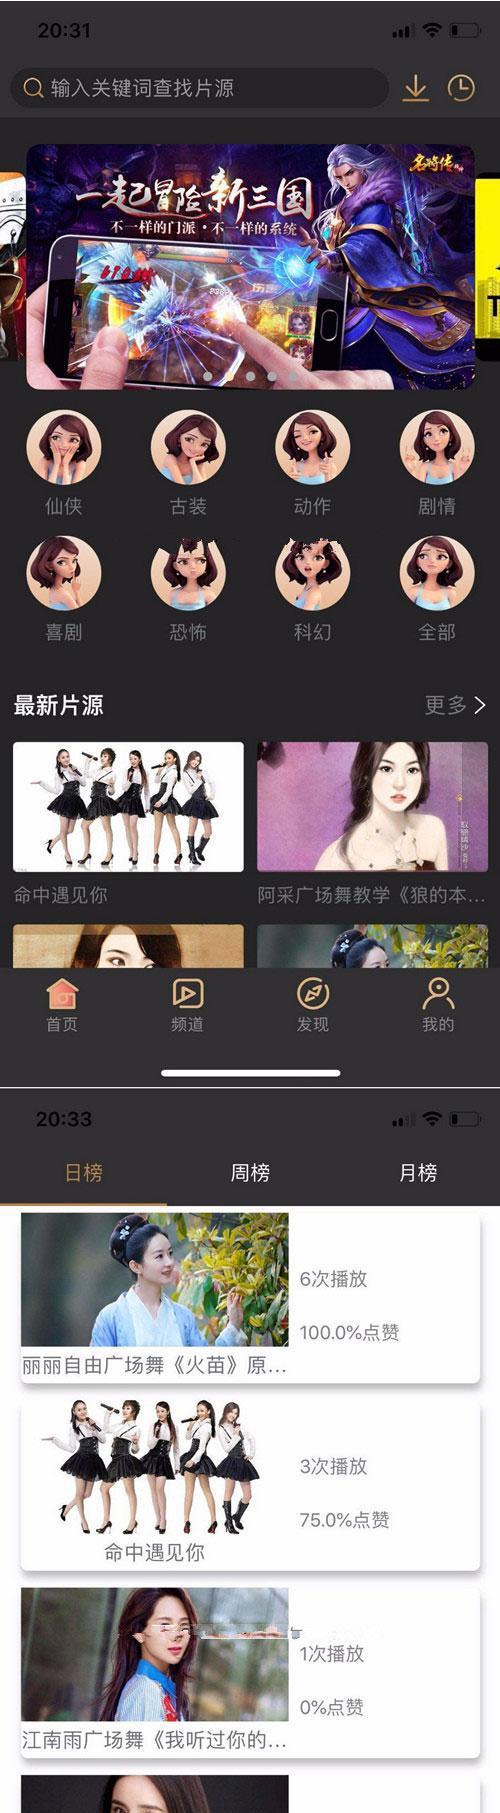 黄瓜视频影视电影app原生源代码 lulube香蕉lutube安卓苹果双端源码下载